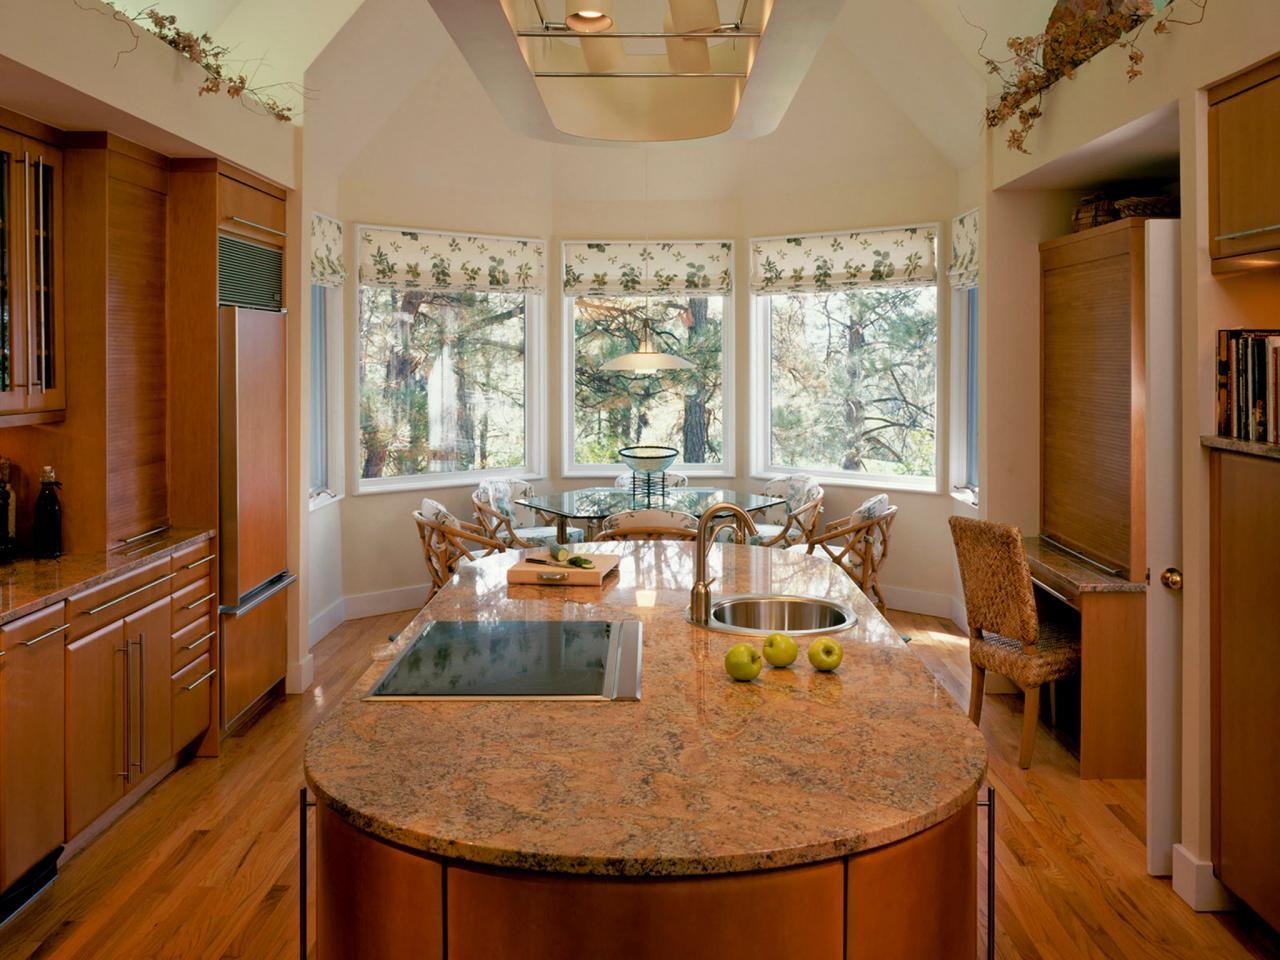 Римские шторы на эркерном кухонном окне